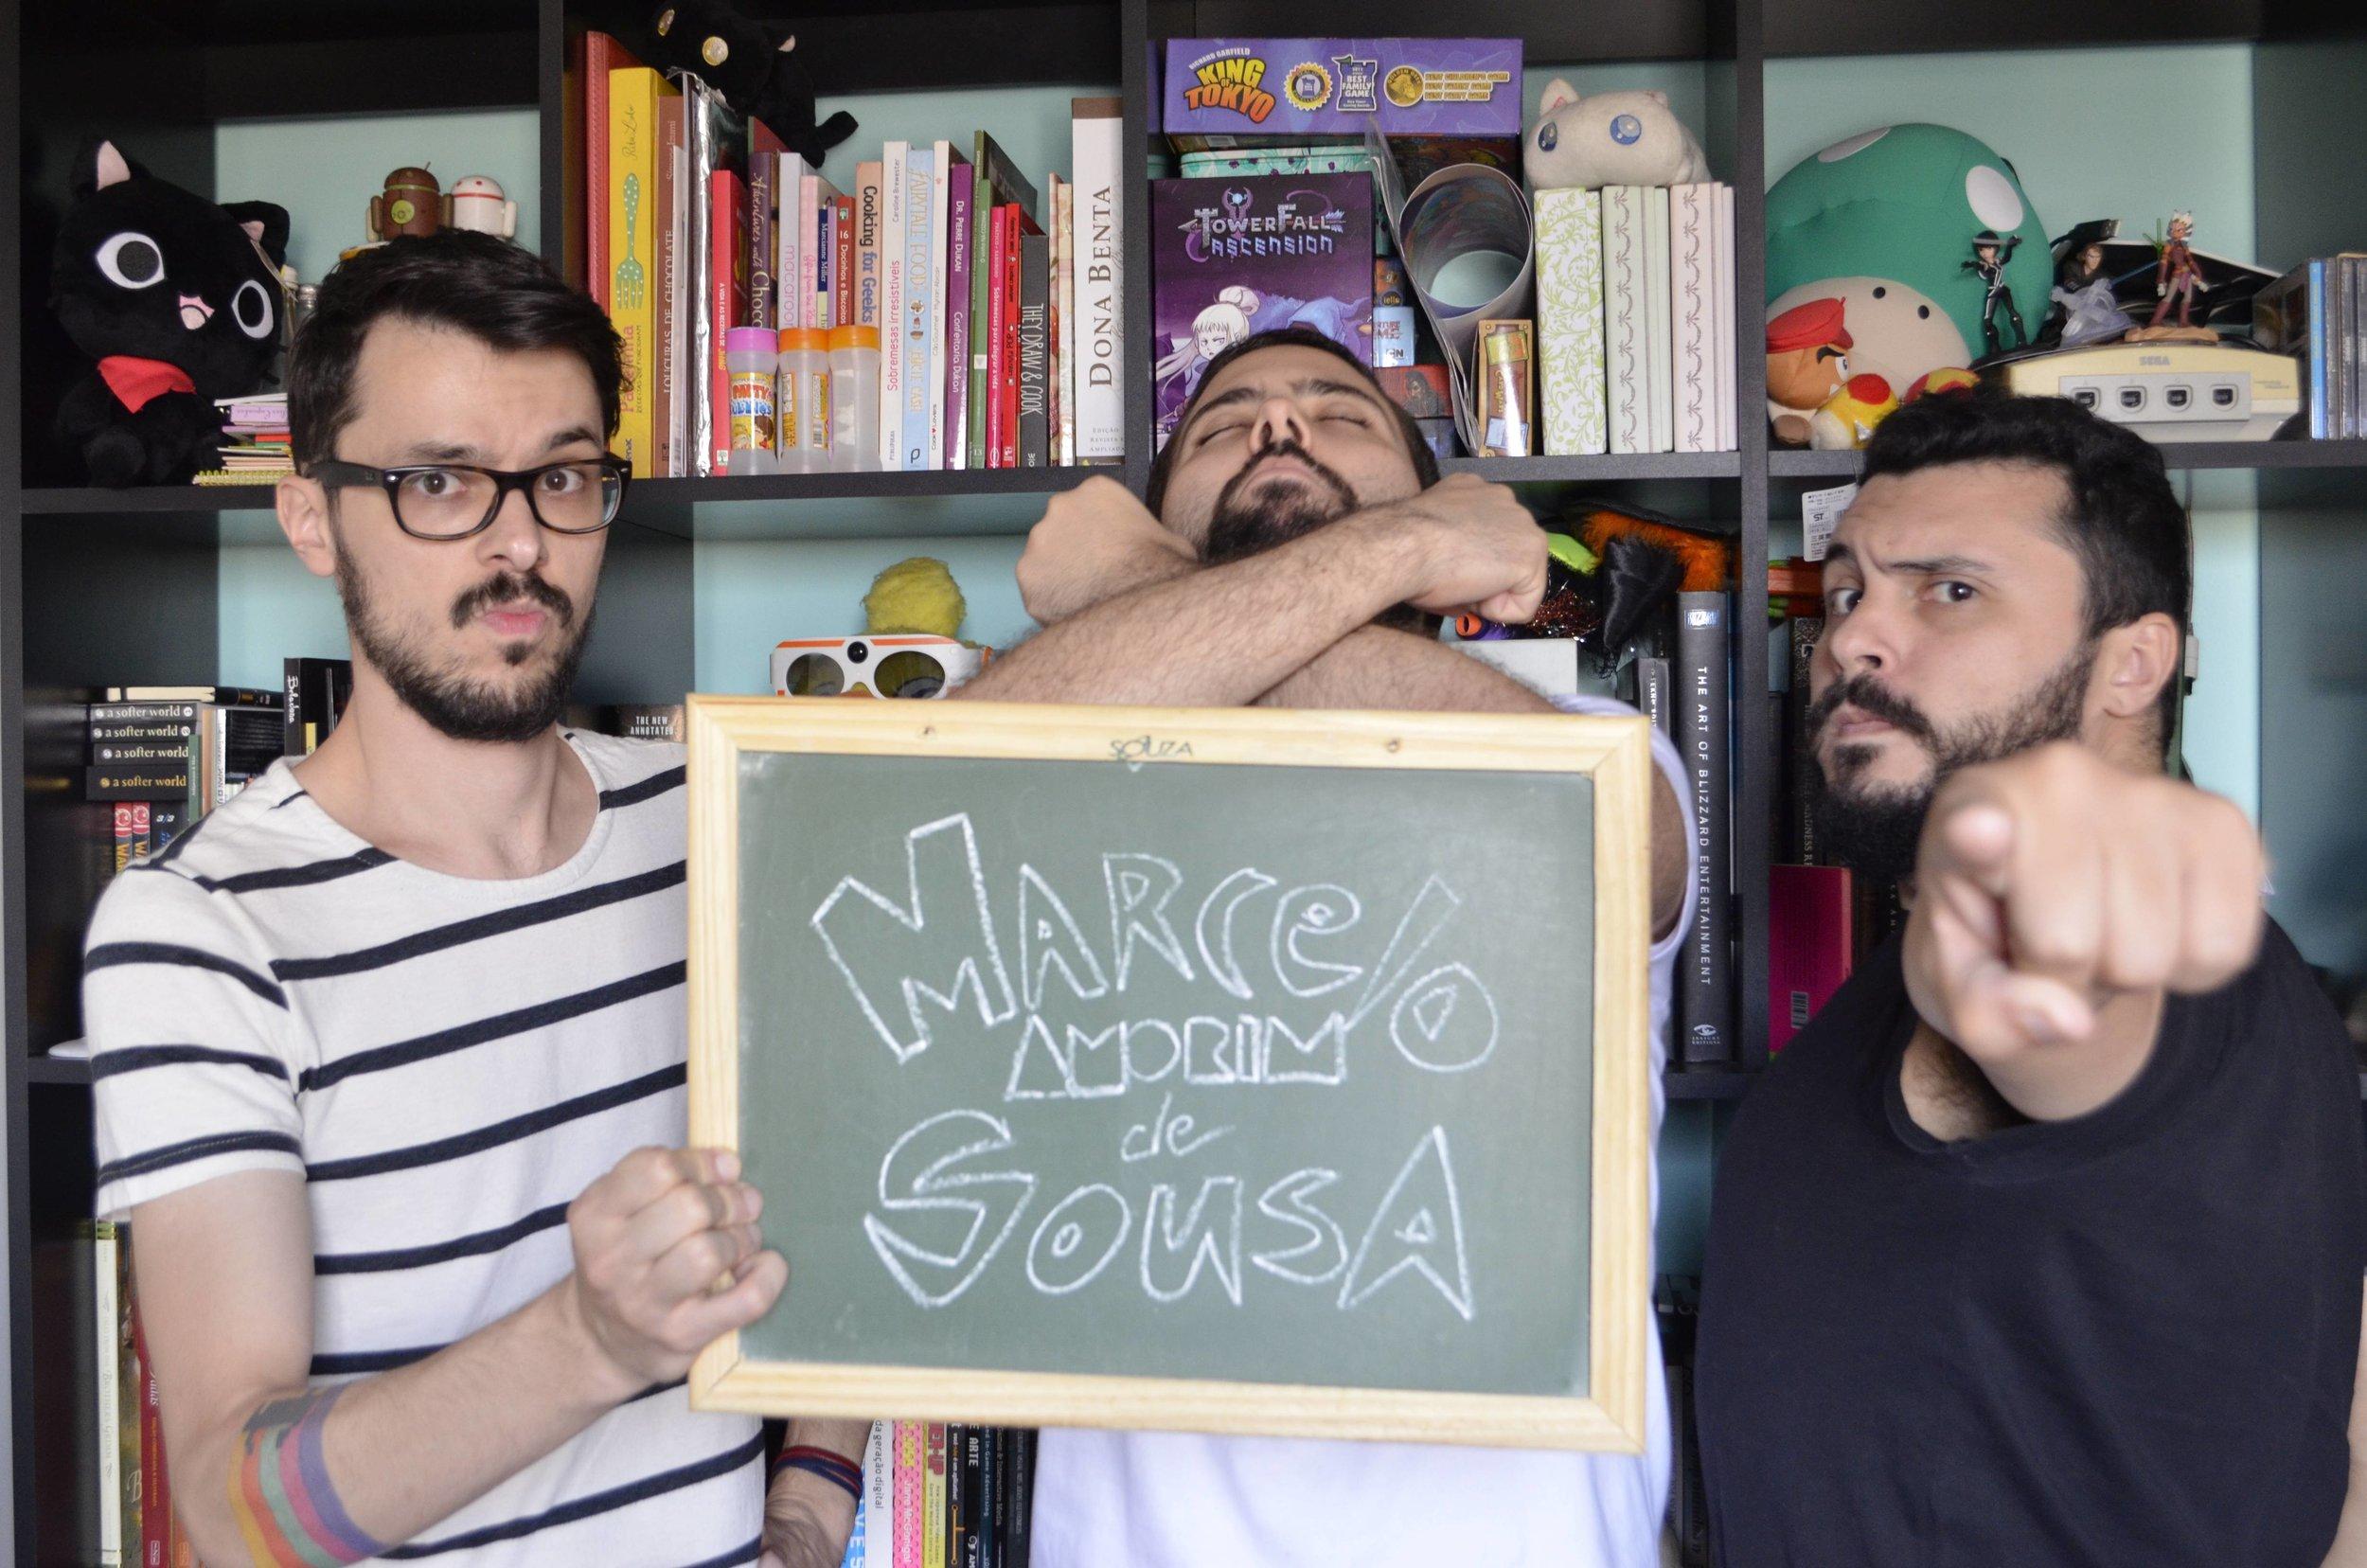 Marcelo-Amorim-De-Sousa.jpg